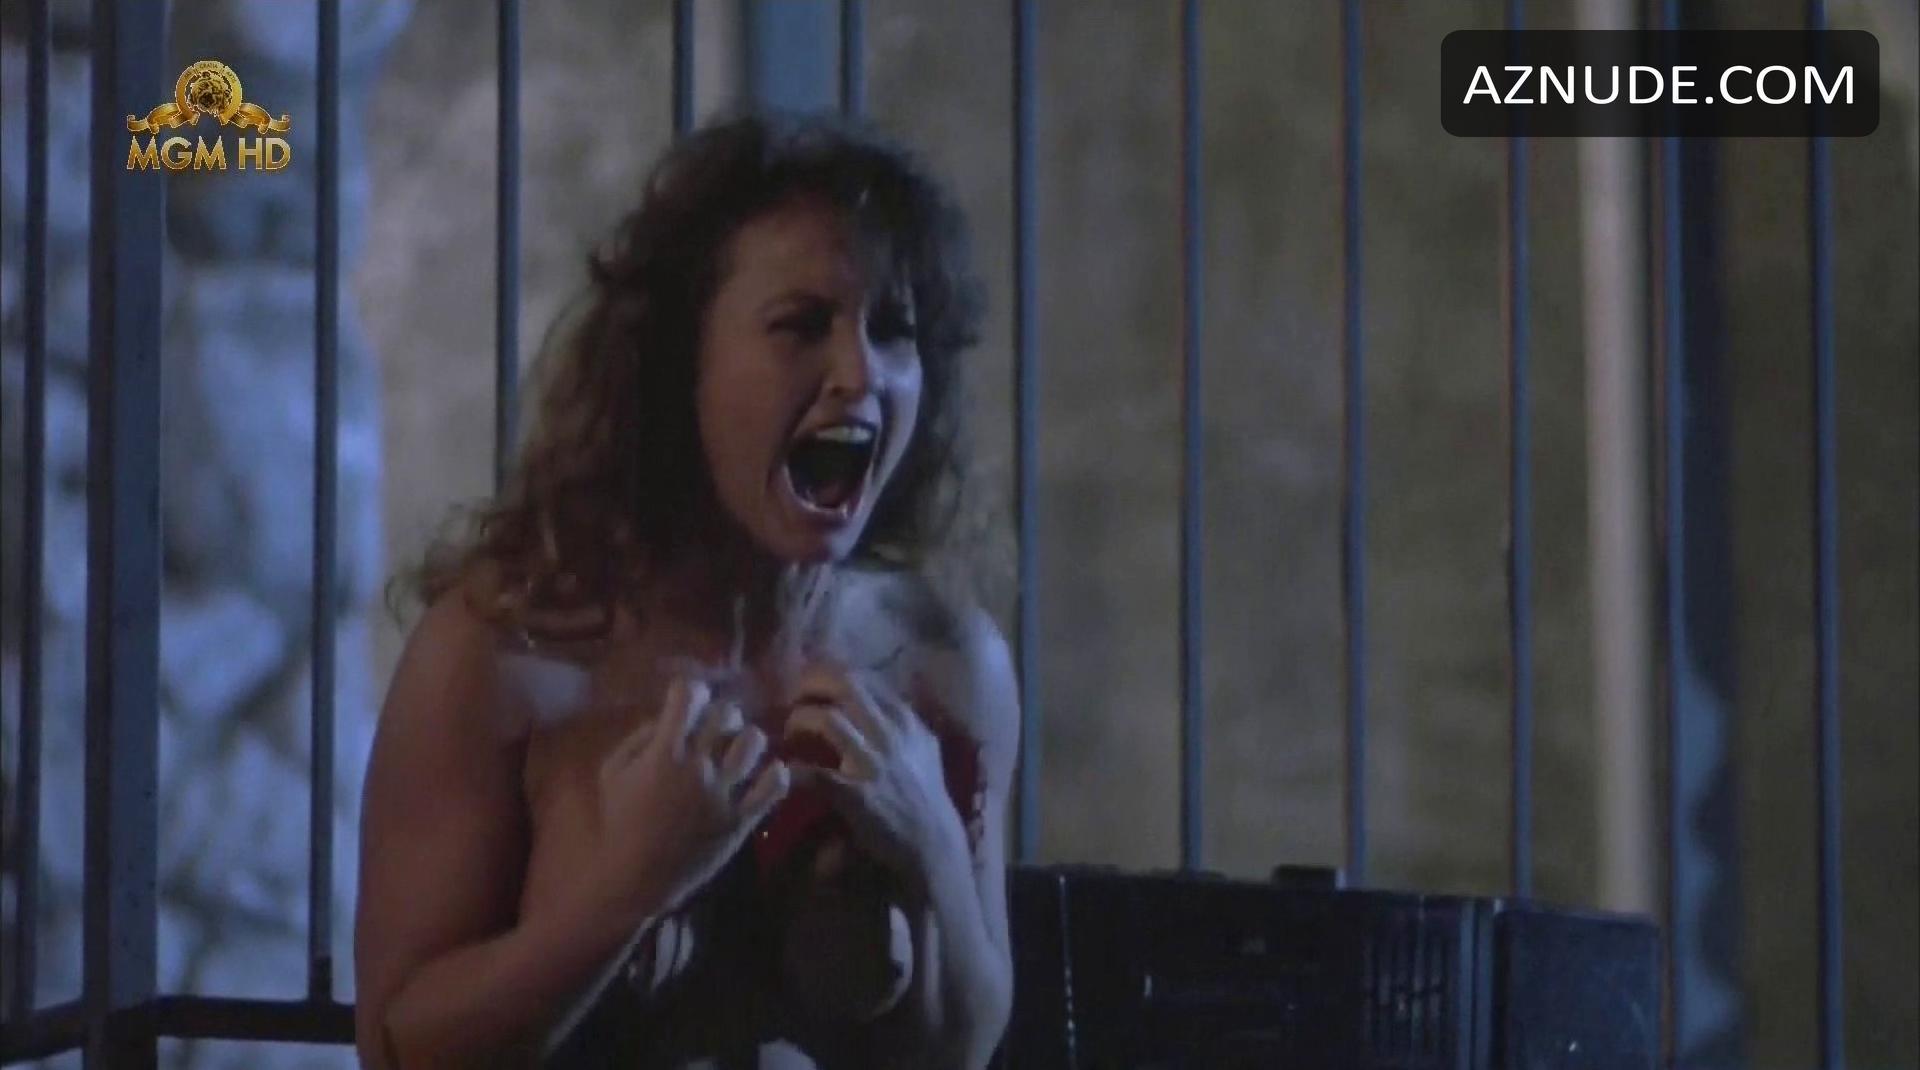 Ashlyn Gere Videos Porno Hd ashlyn gere nude - aznude